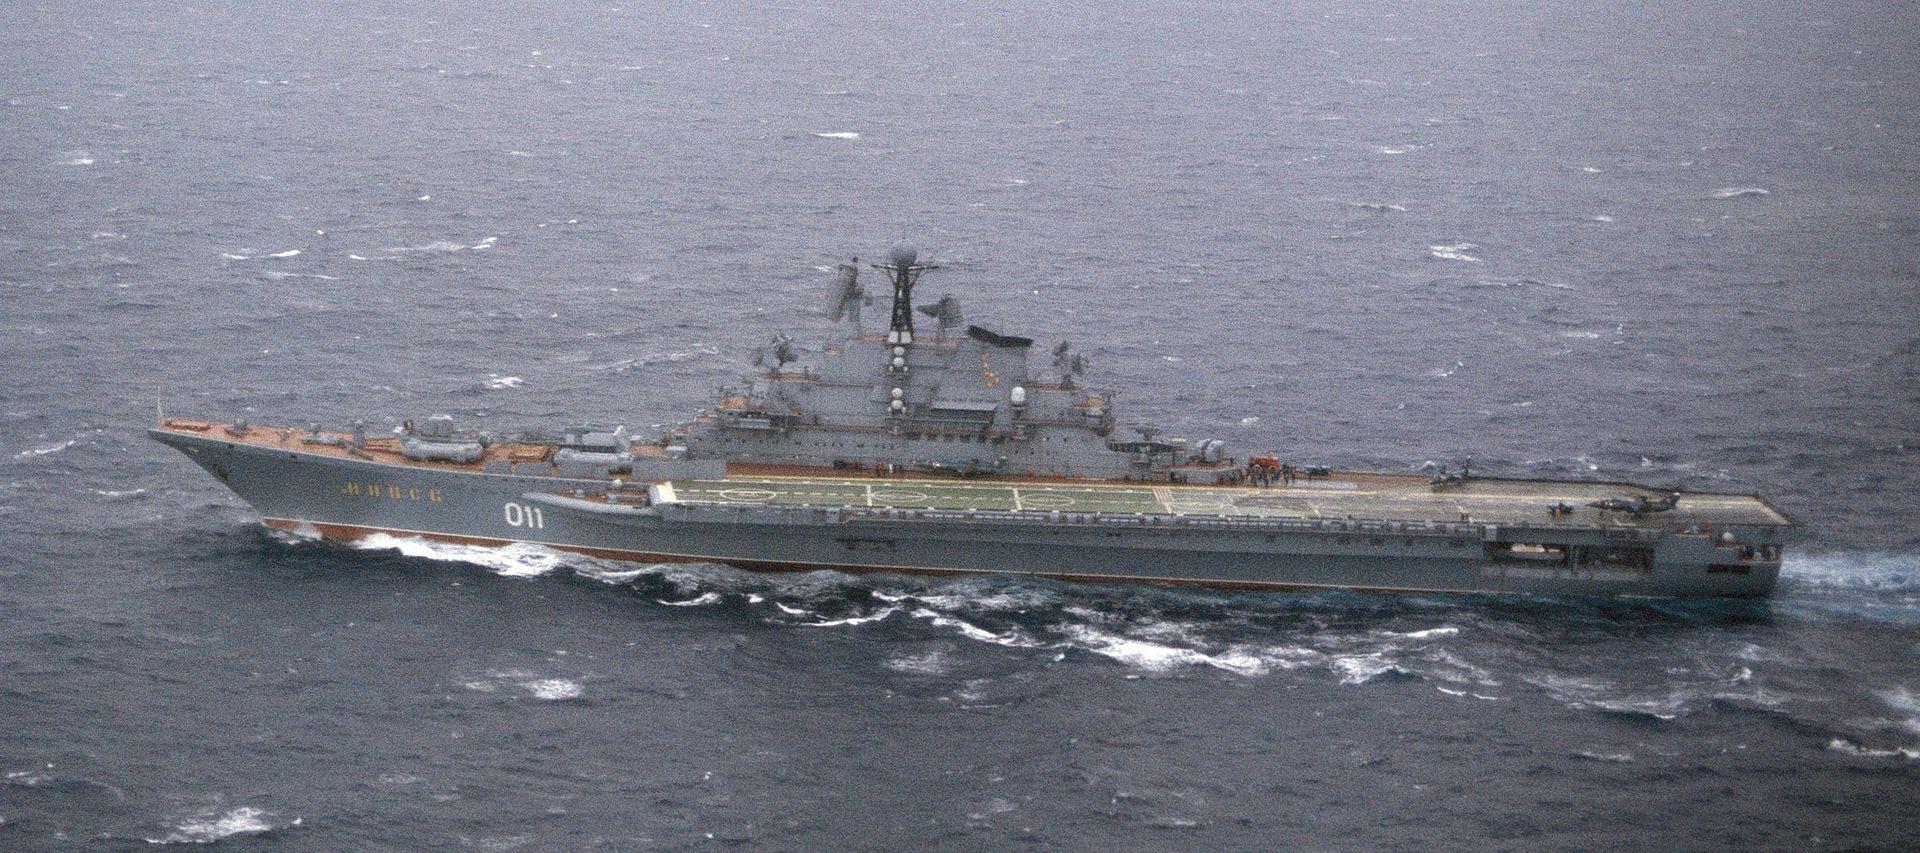 2015...ماذا حدث للبحرية الصينية؟ 1920px-Minsk_aircraft_carrier